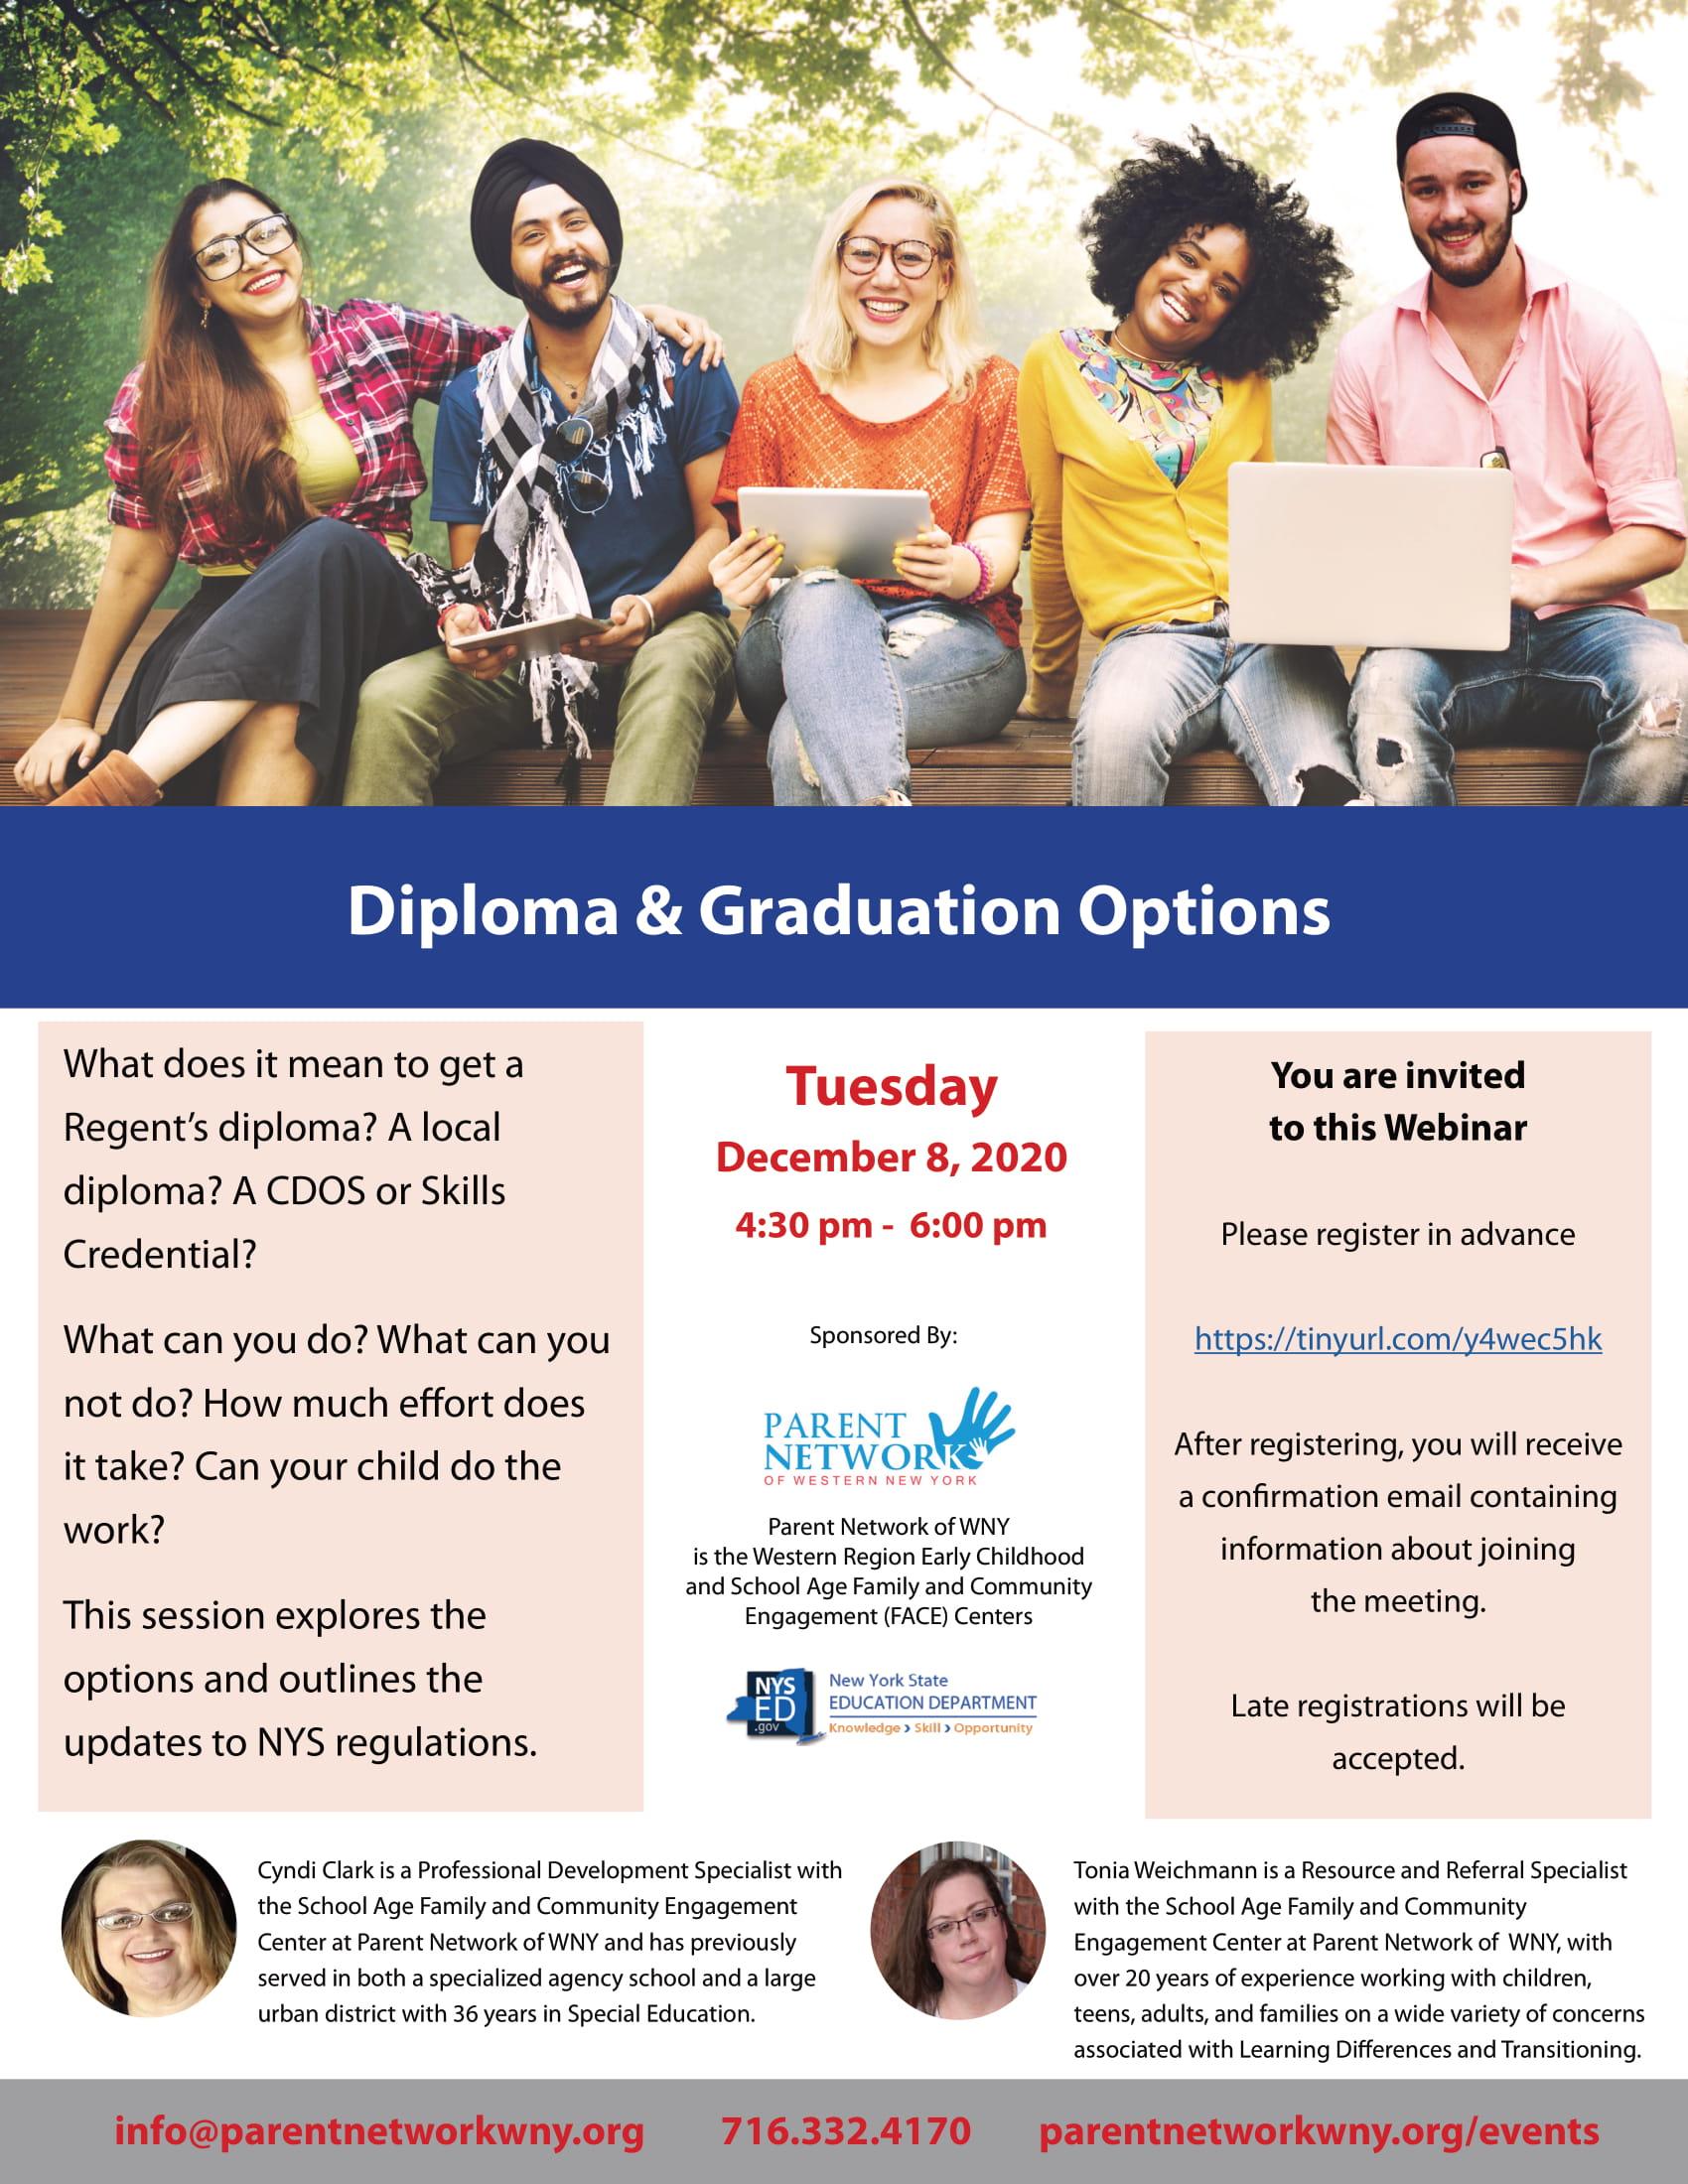 grad options